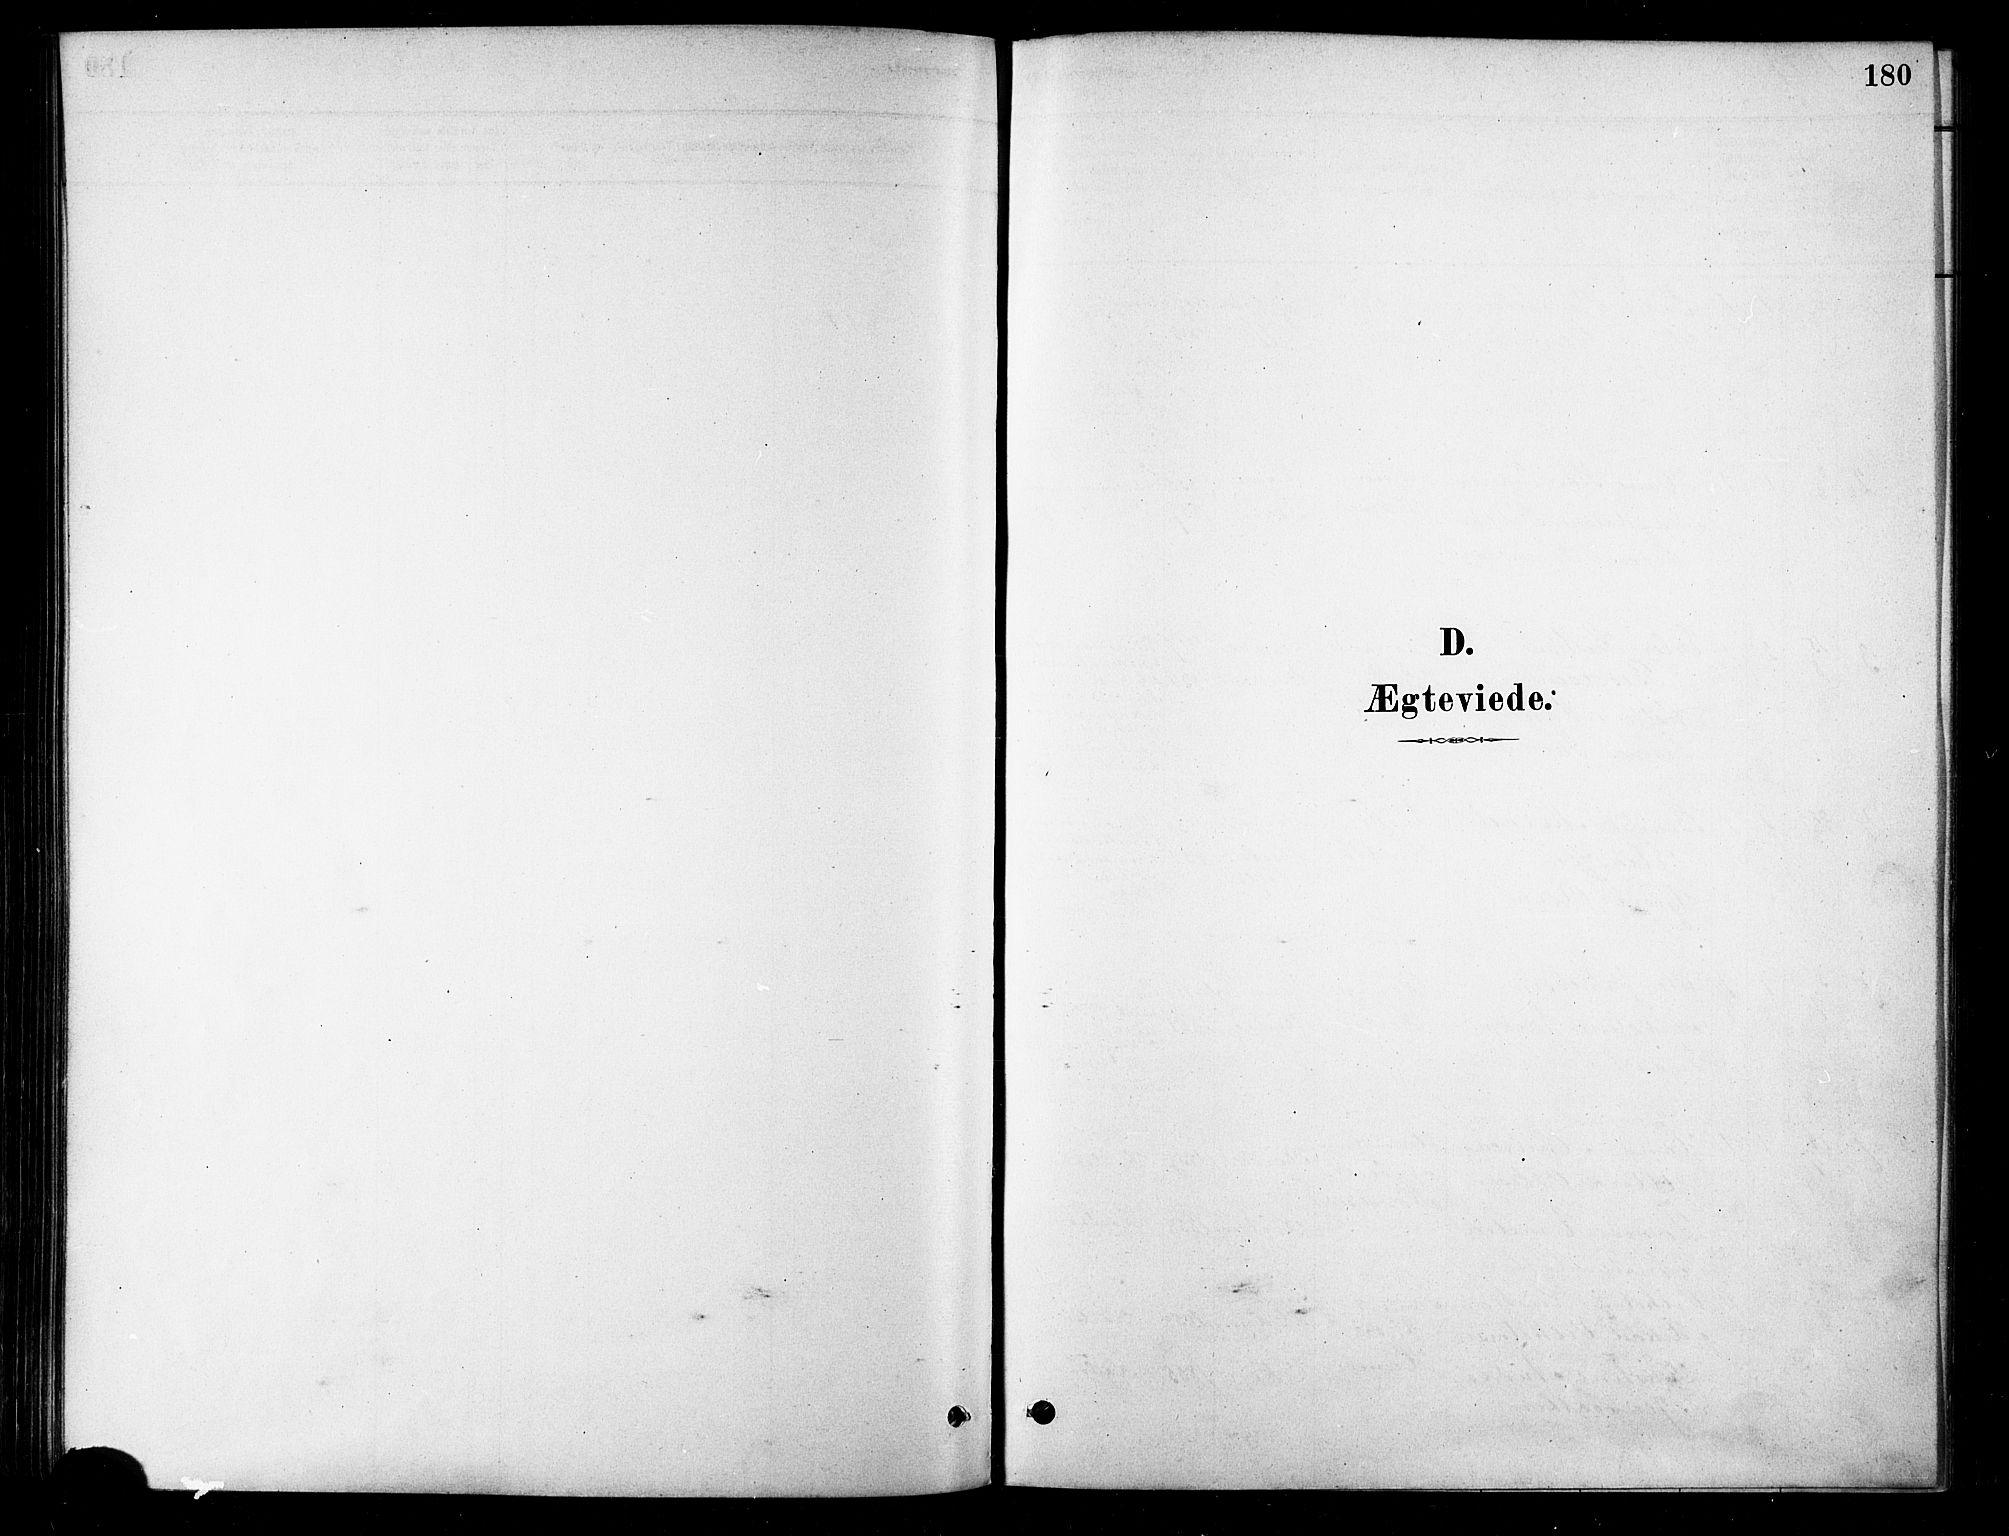 SATØ, Karlsøy sokneprestembete, Ministerialbok nr. 6, 1879-1890, s. 180